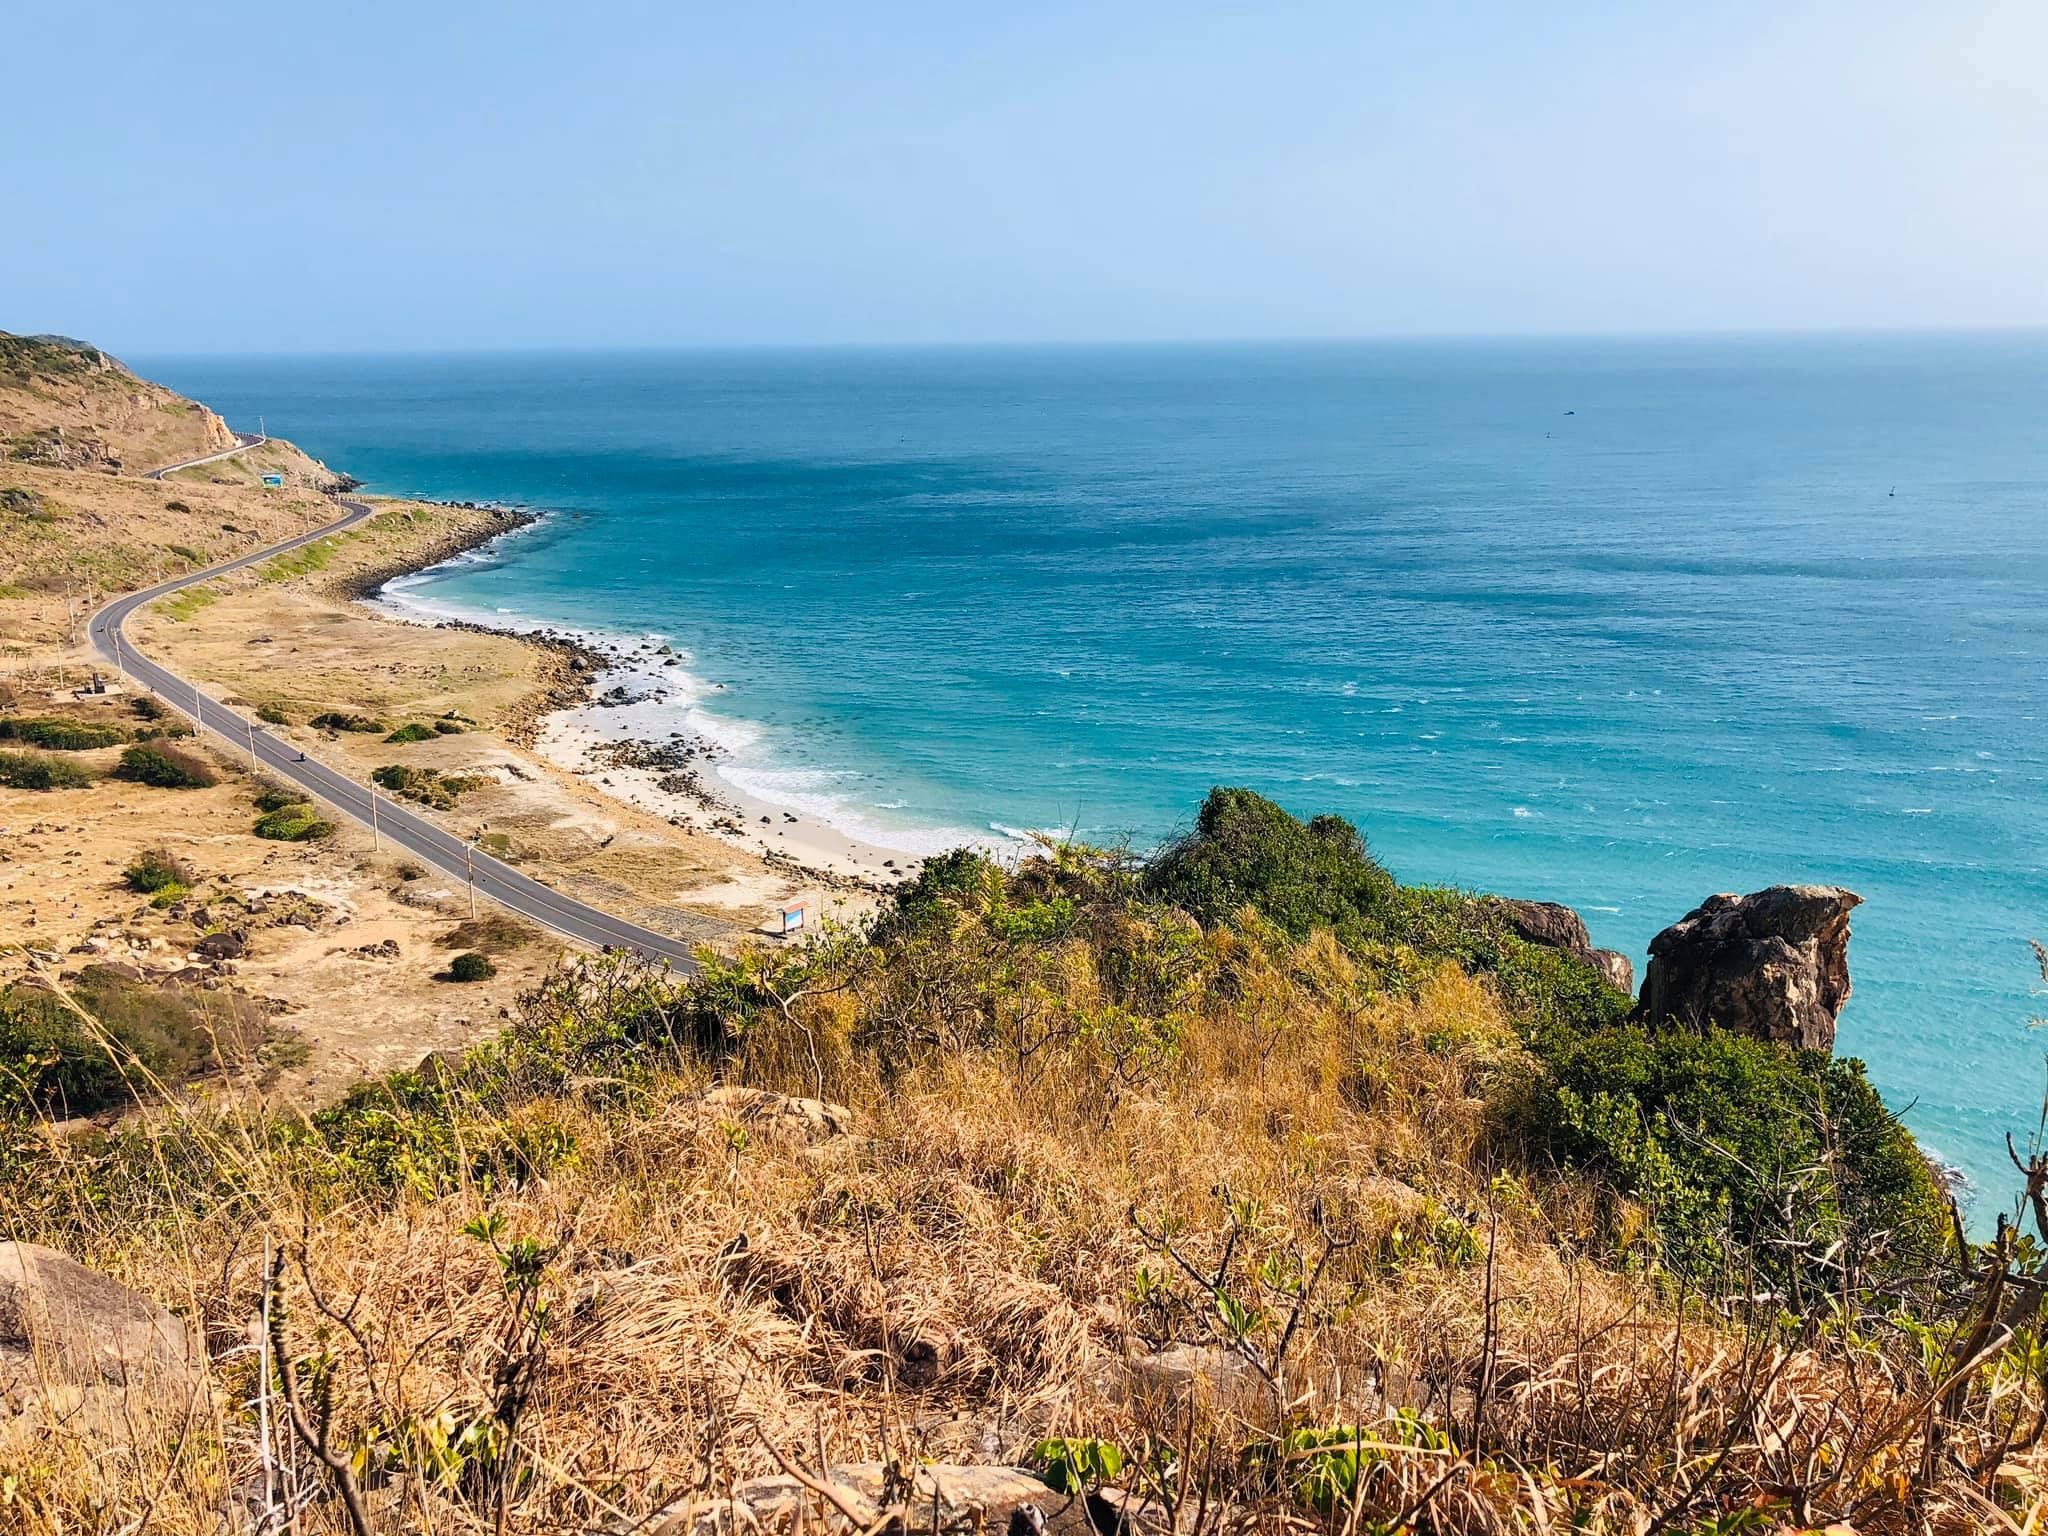 Đảo Côn Sơn của nước ta thuộc tỉnh nào?